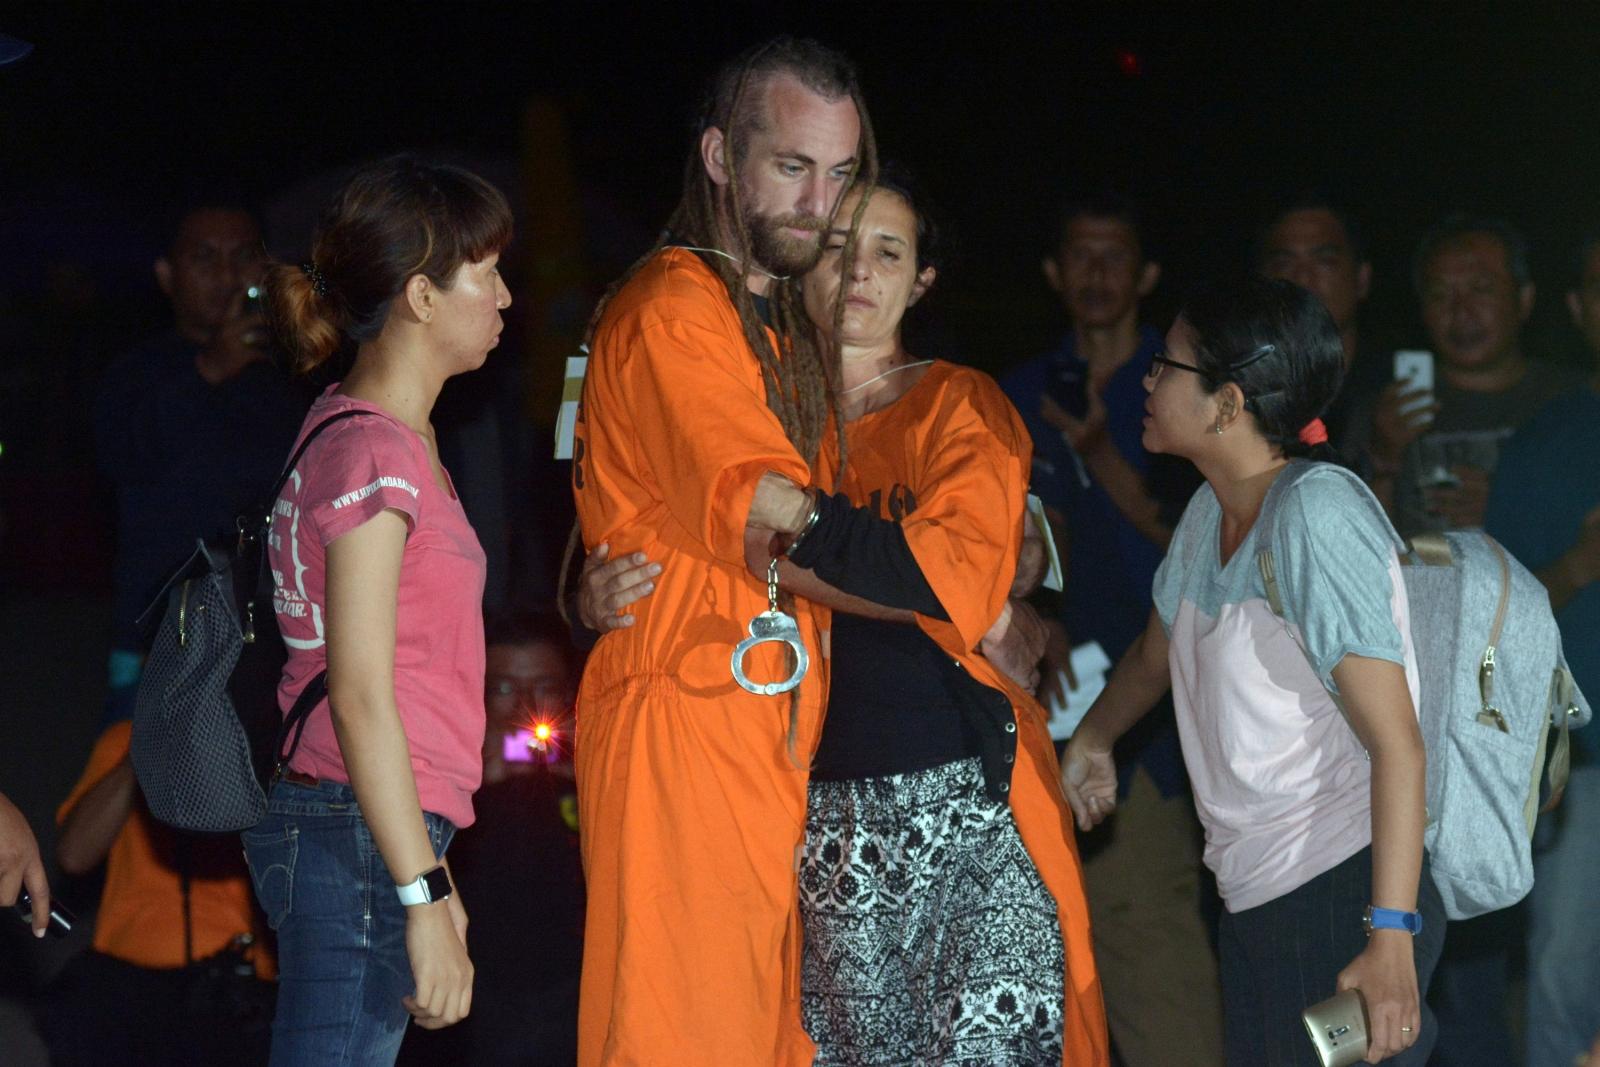 Bali police officer killing